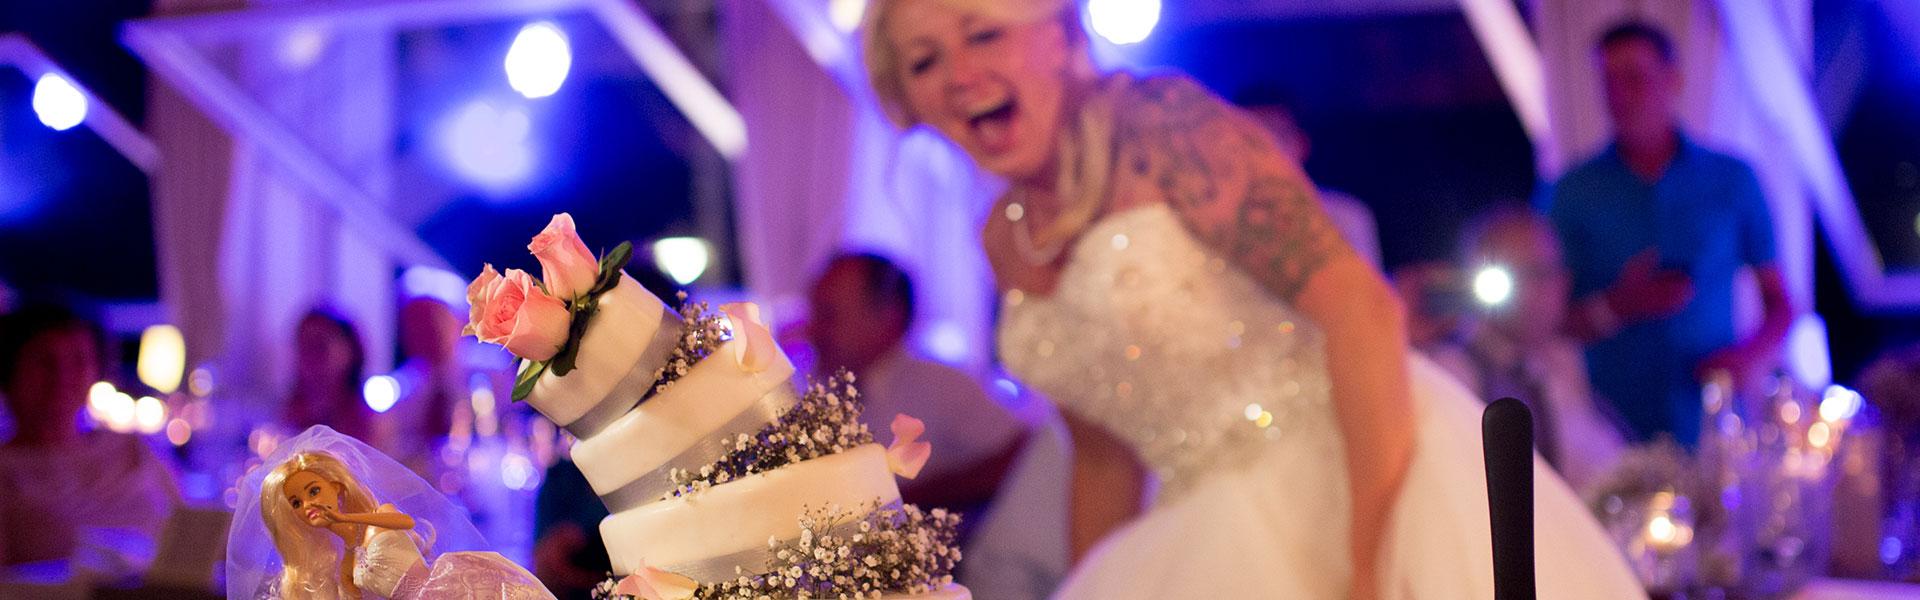 Schiefe Hochzeitstorte mit fallender Braut - Hochzeitspartyspass